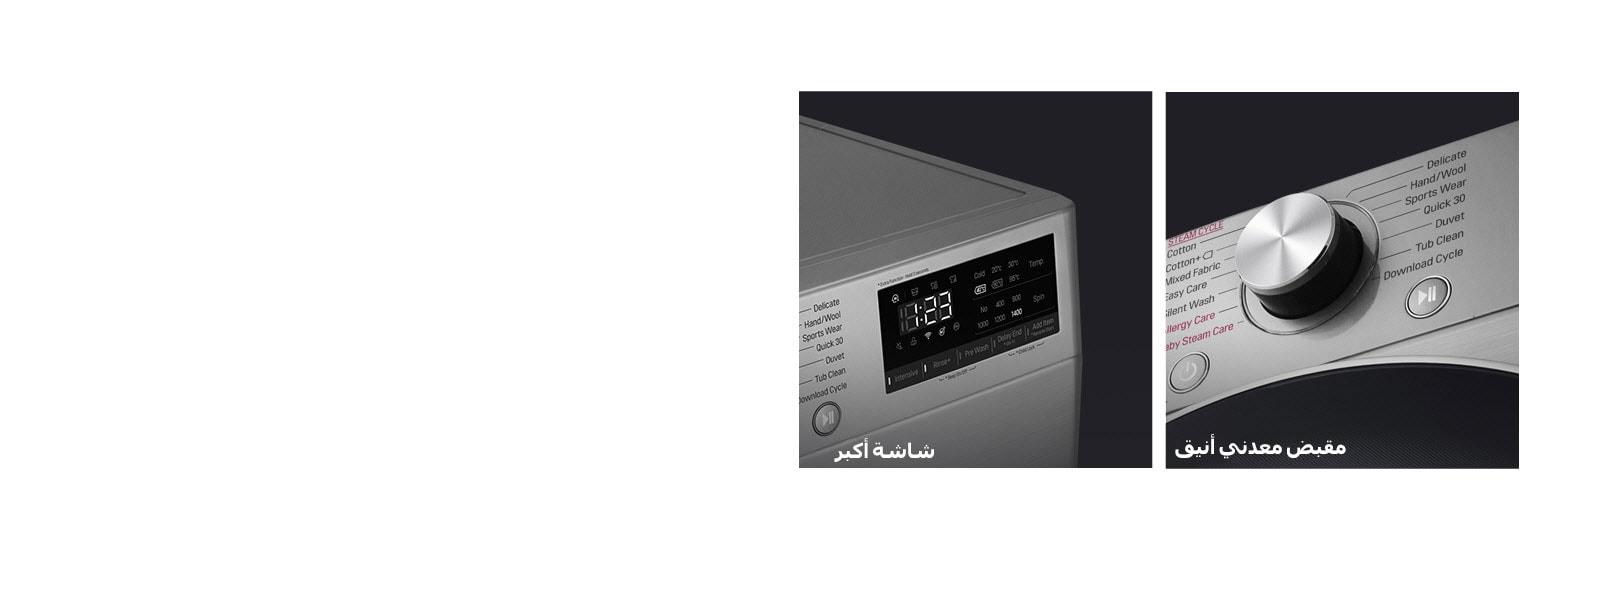 WM-Vivace-V500-VC4-VCM-07-Design-Desktop